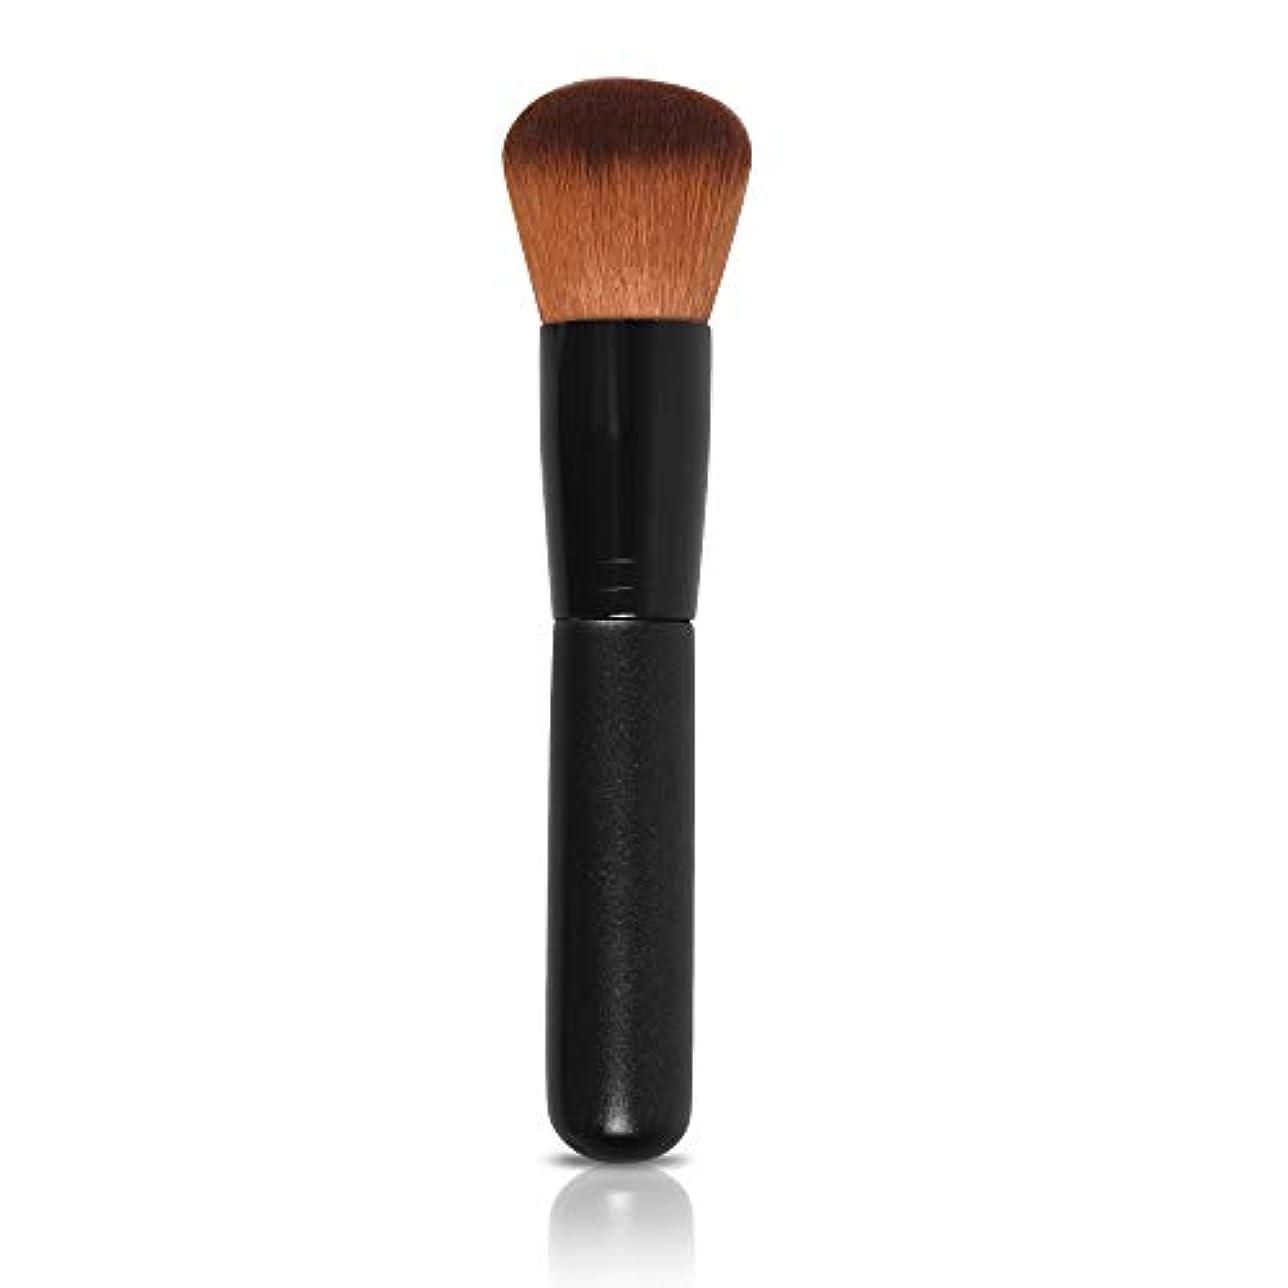 比類なき餌ボイラー化粧筆,thsgrt フェイスブラシ ファンデーションブラシ 最高級 メイクブラシ 高品質 優しい肌触り 化粧ブラシ パウダー&チークブラシ